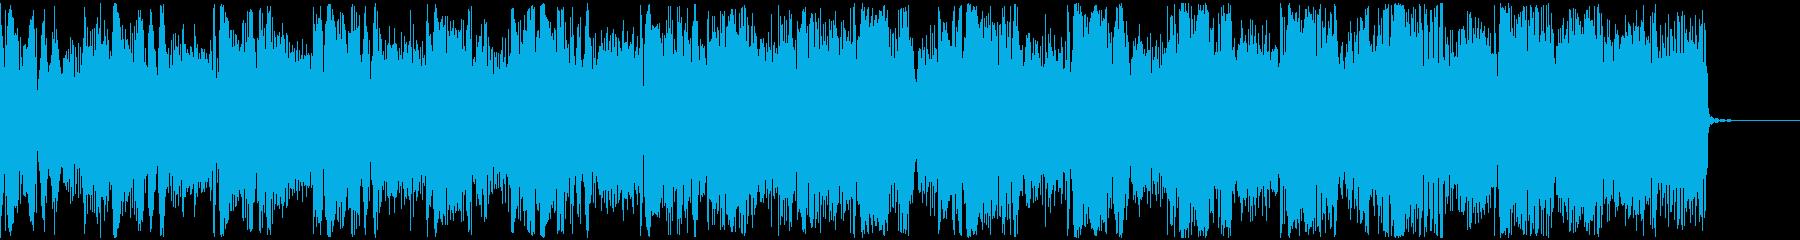 【フューチャーベース】ロング2ショート6の再生済みの波形